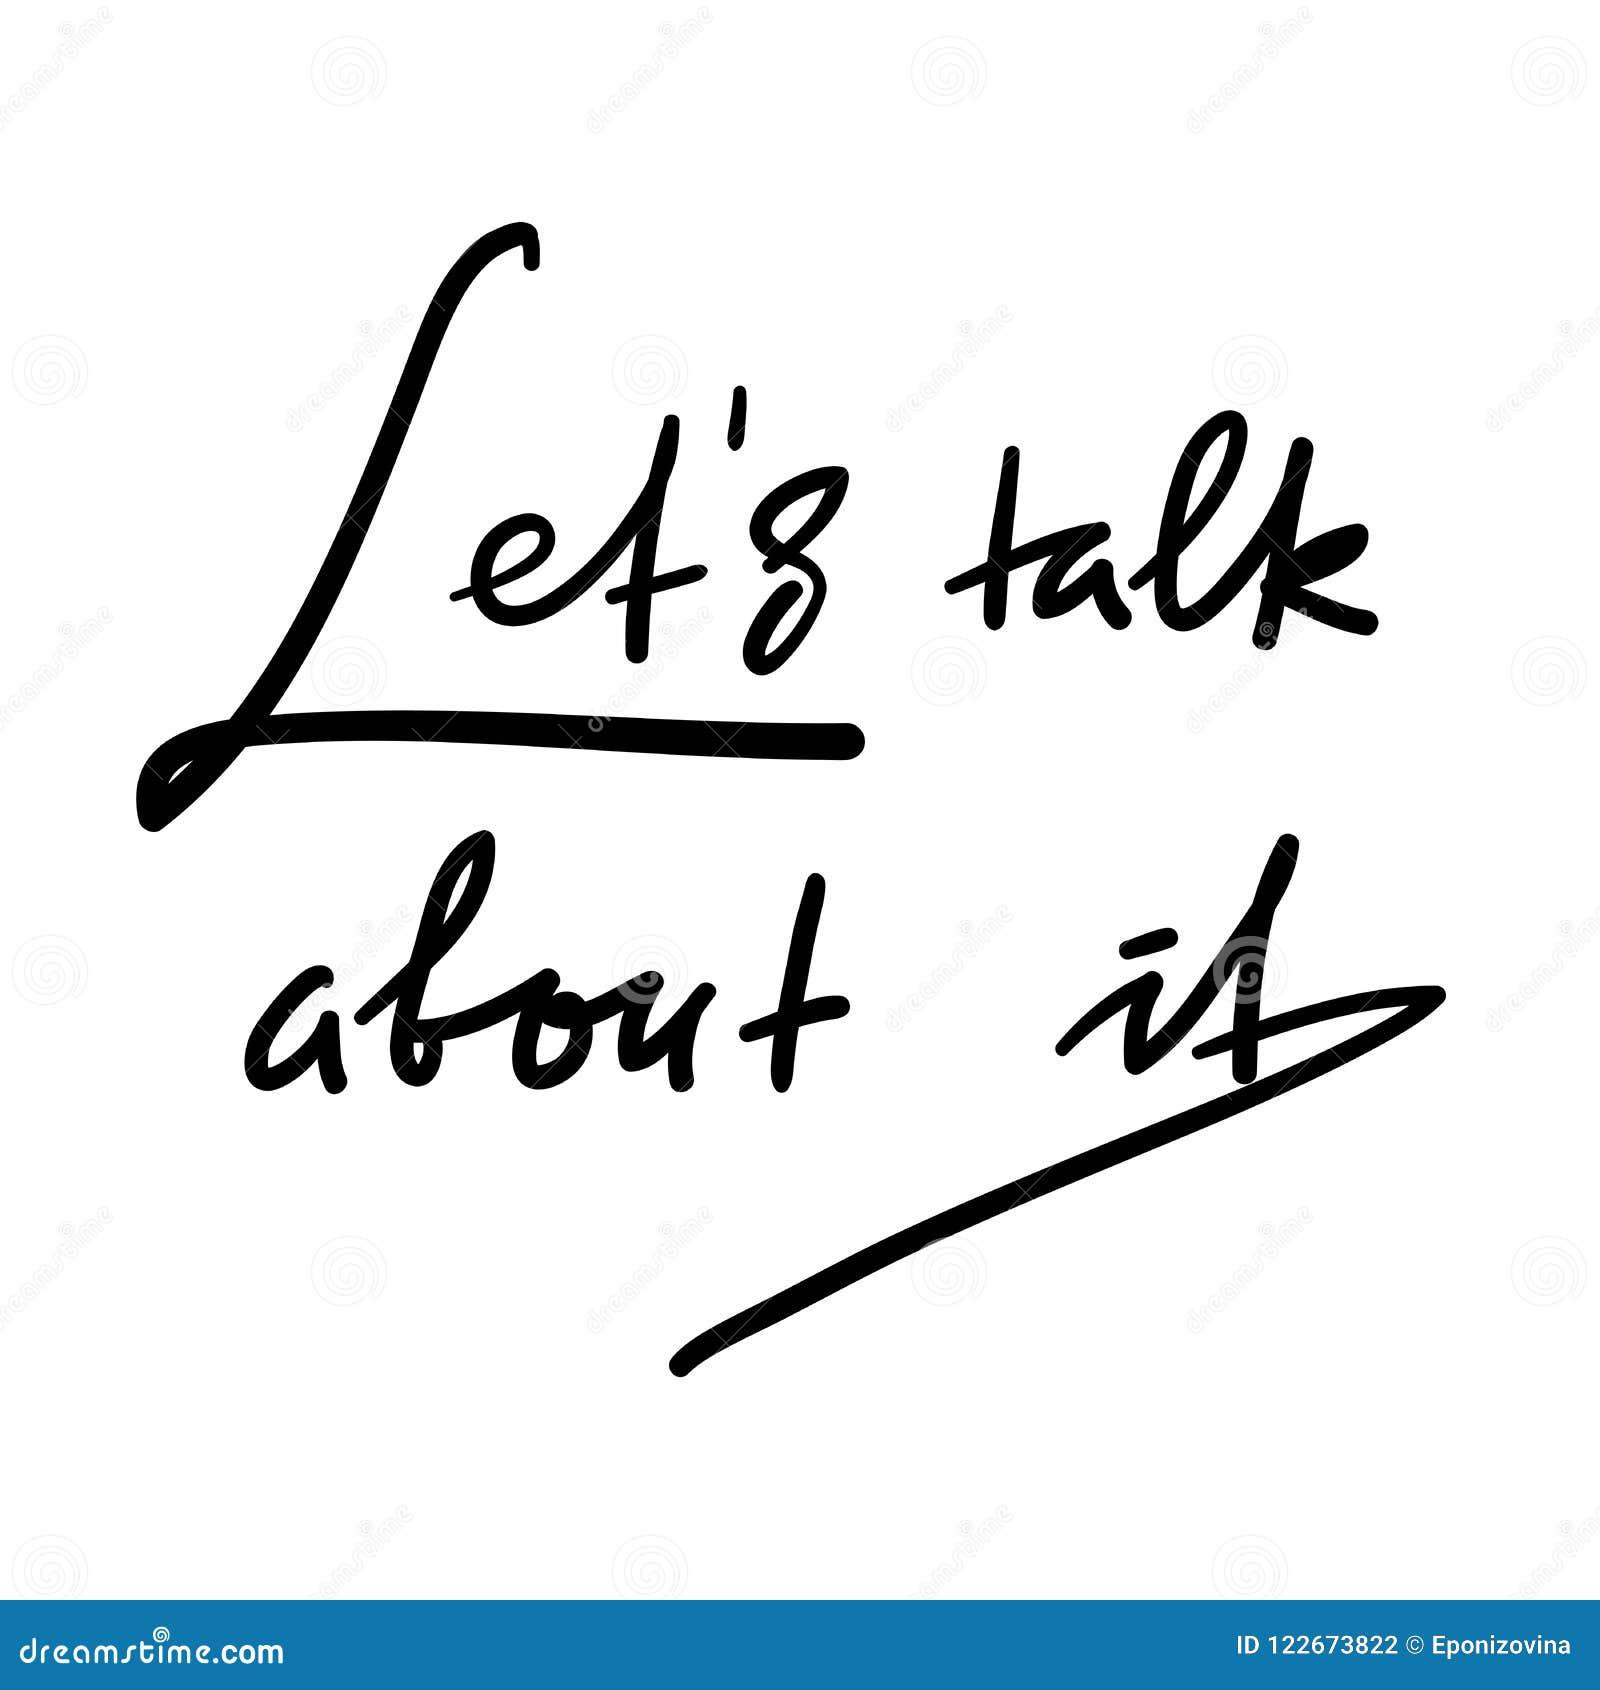 Låter samtal om det - som är enkelt att inspirera, och motivational citationstecken Hand dragen härlig bokstäver Tryck för inspir